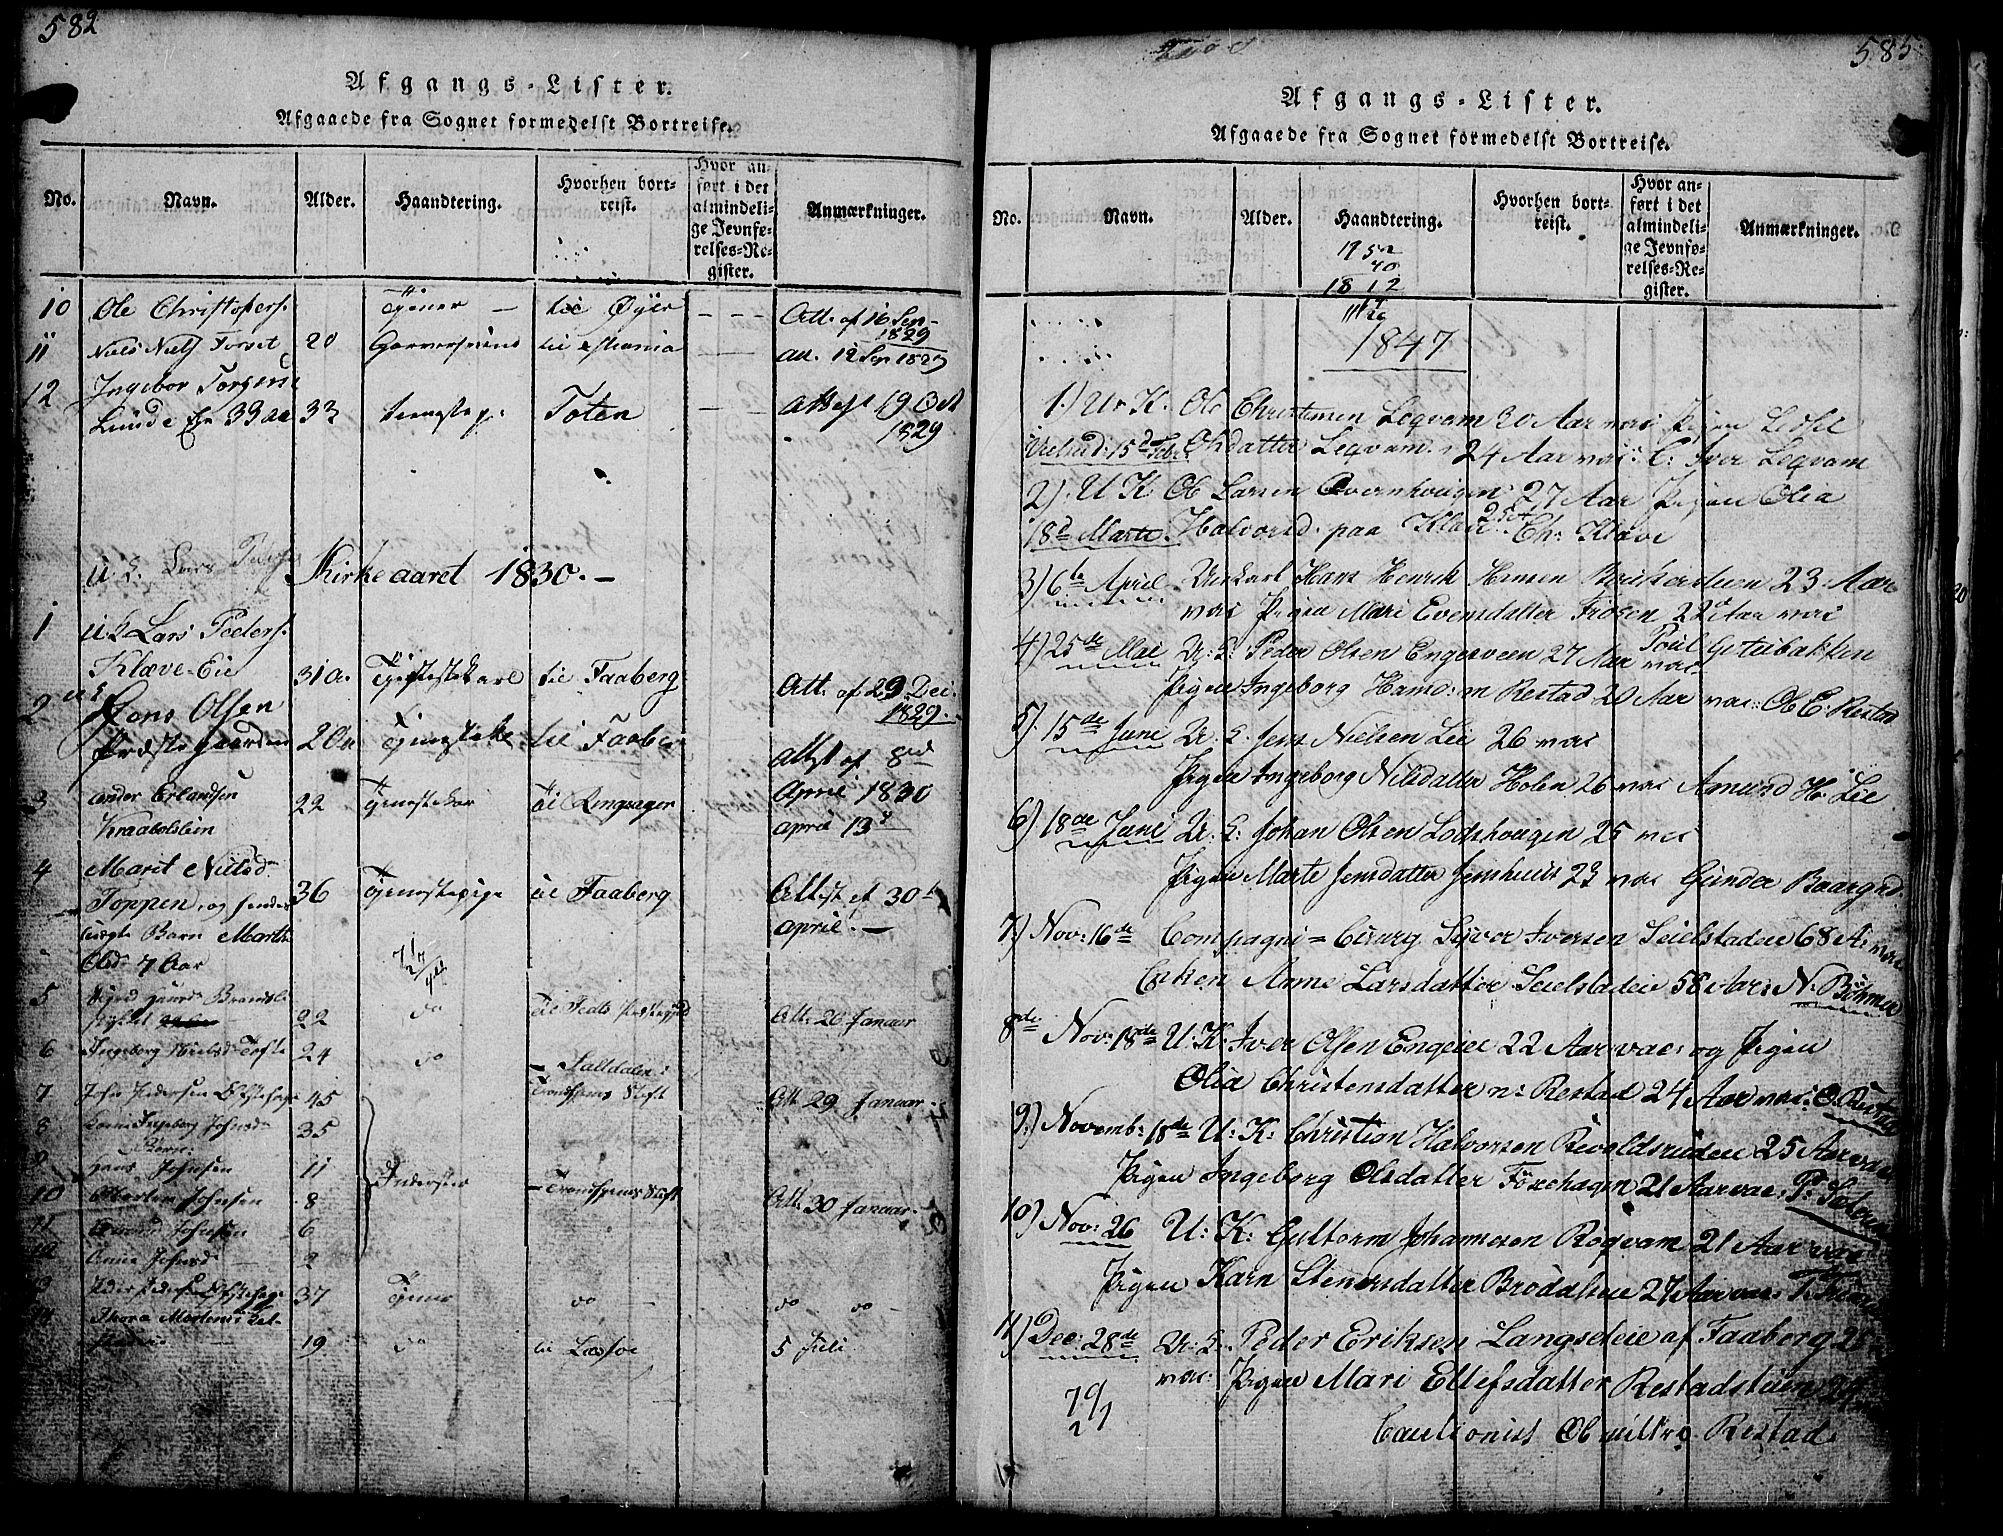 SAH, Gausdal prestekontor, Klokkerbok nr. 1, 1817-1848, s. 582-585